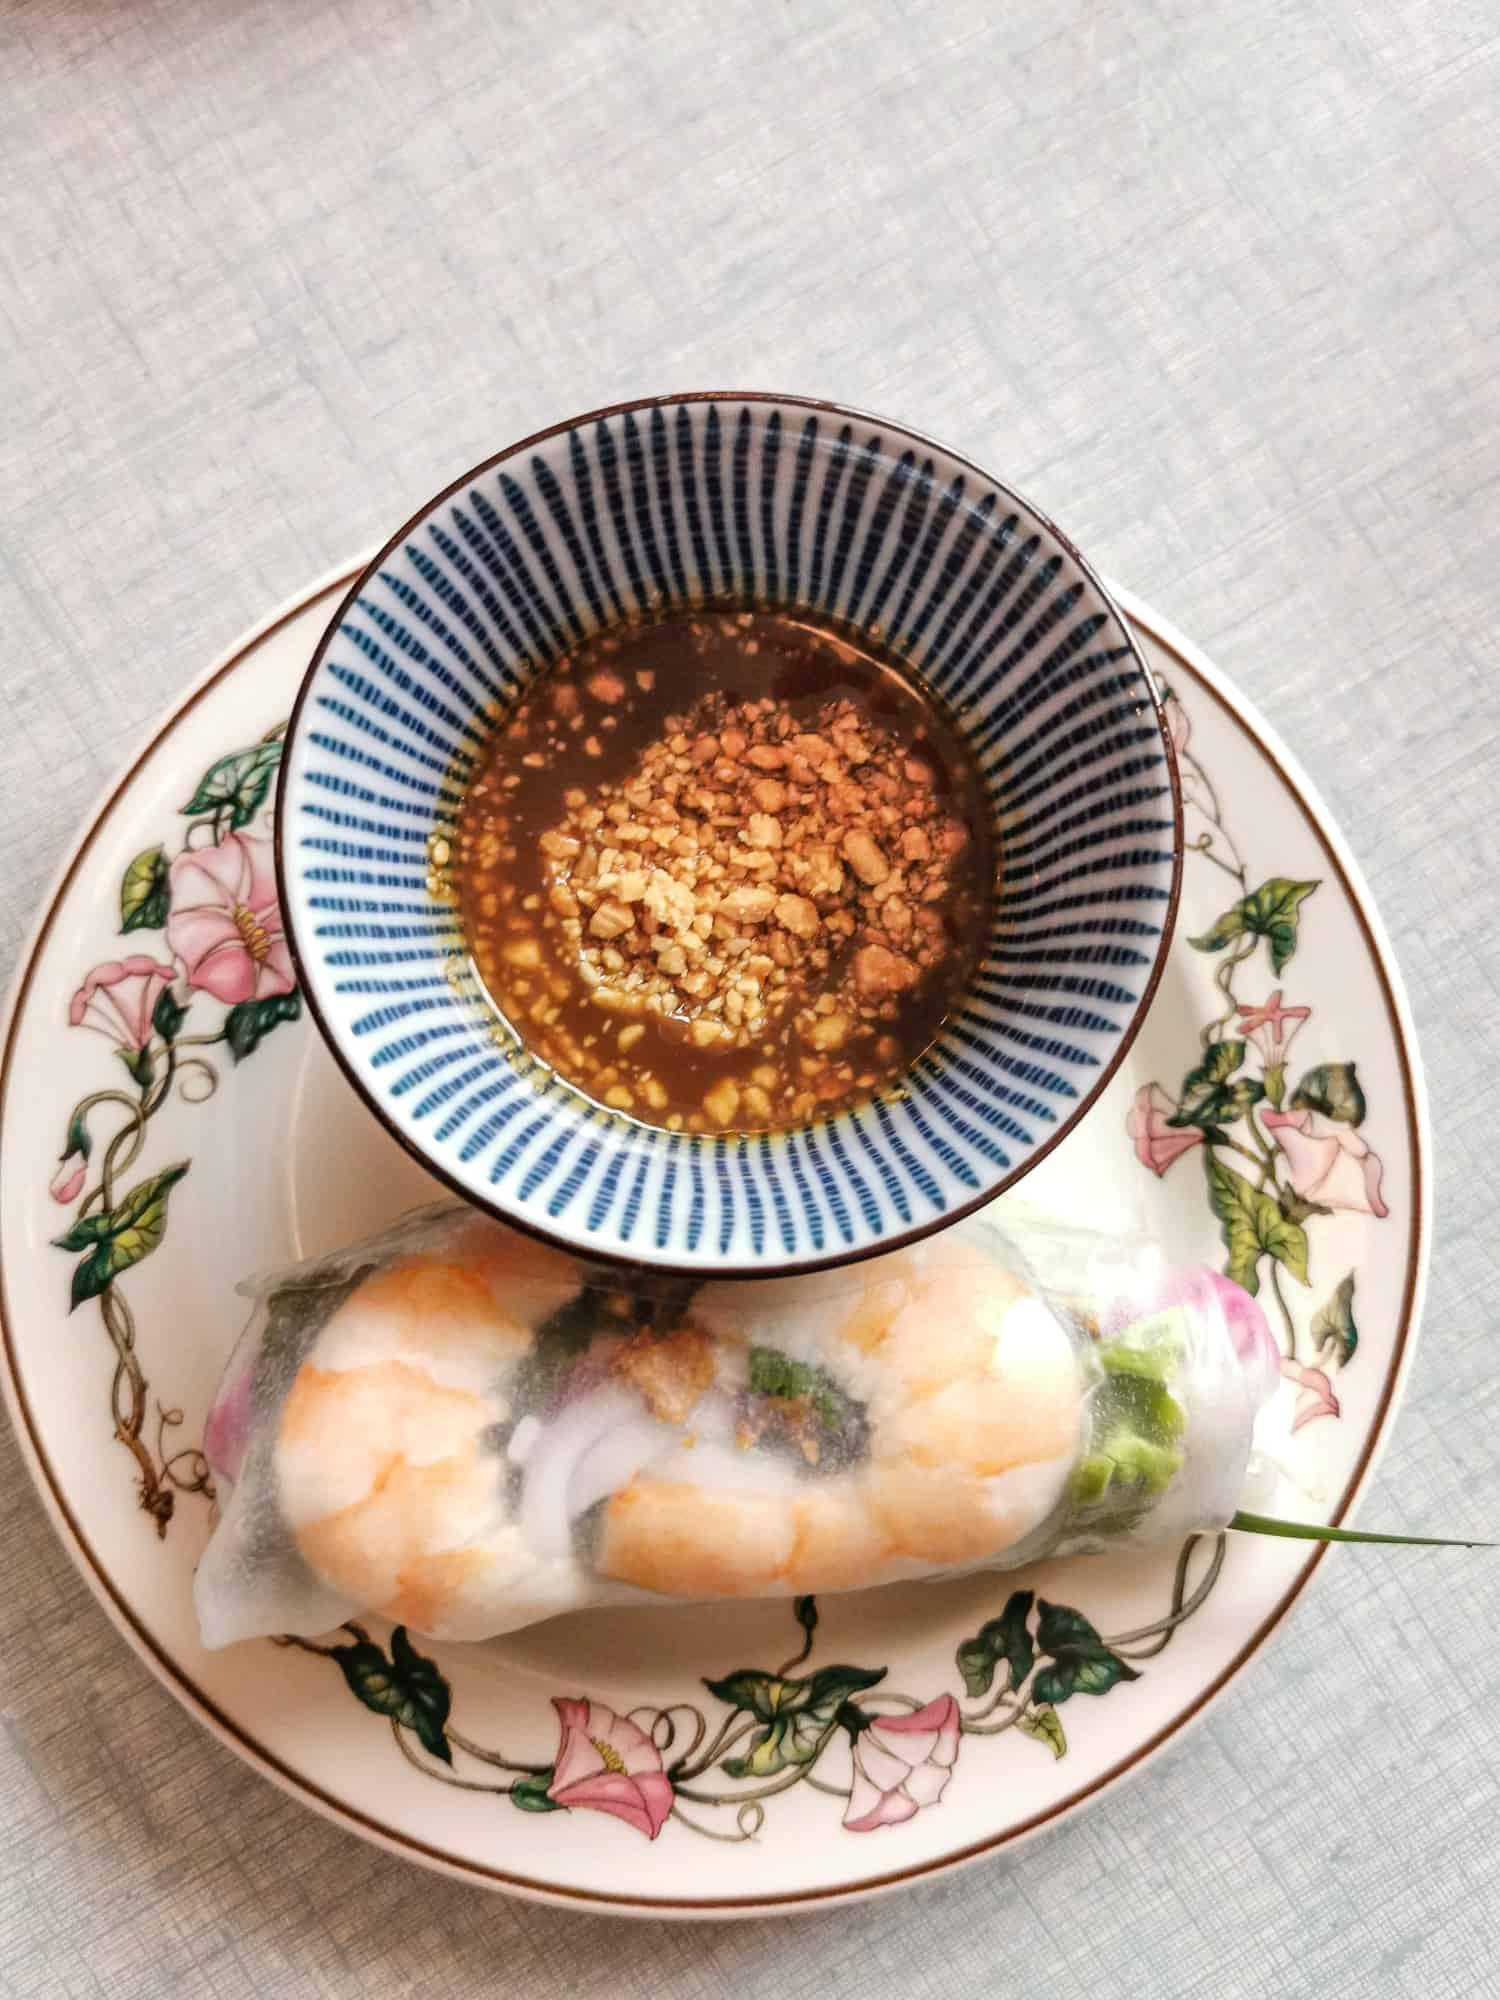 ca-phe-broc-ouest-restaurant-vietnamien-paris-14-bouiboui-16